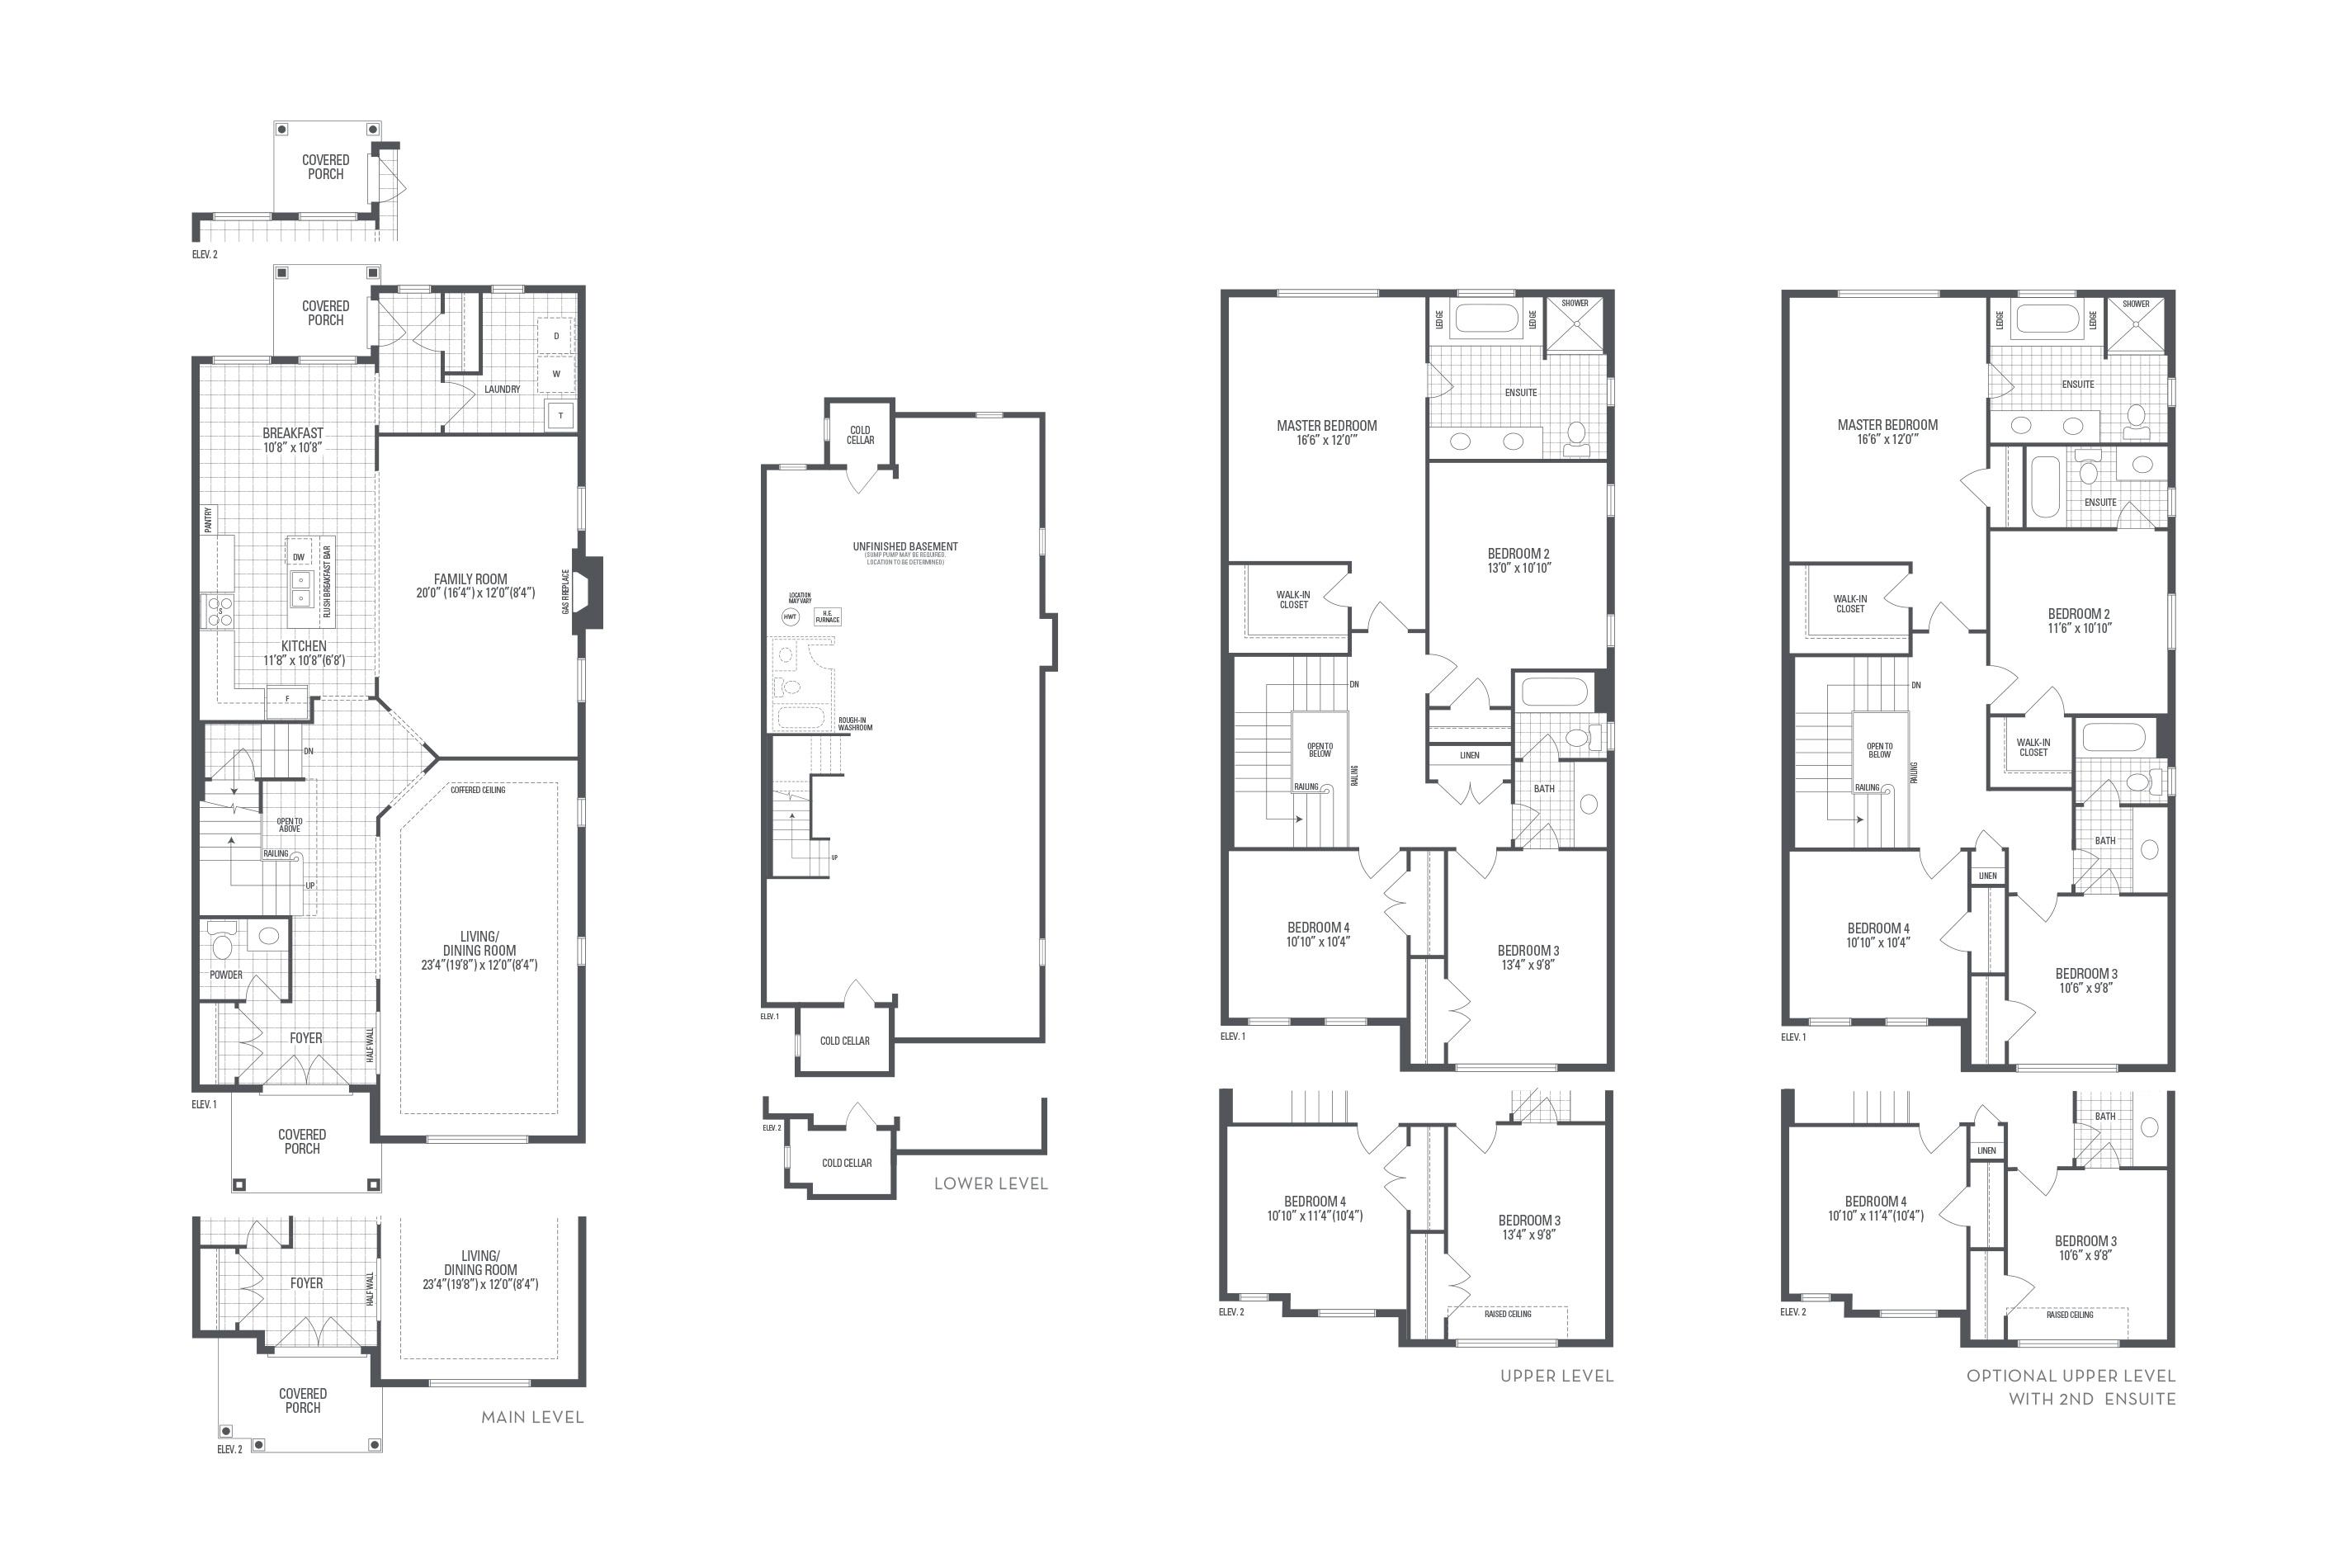 Savana 01 Elev. 1 Floorplan